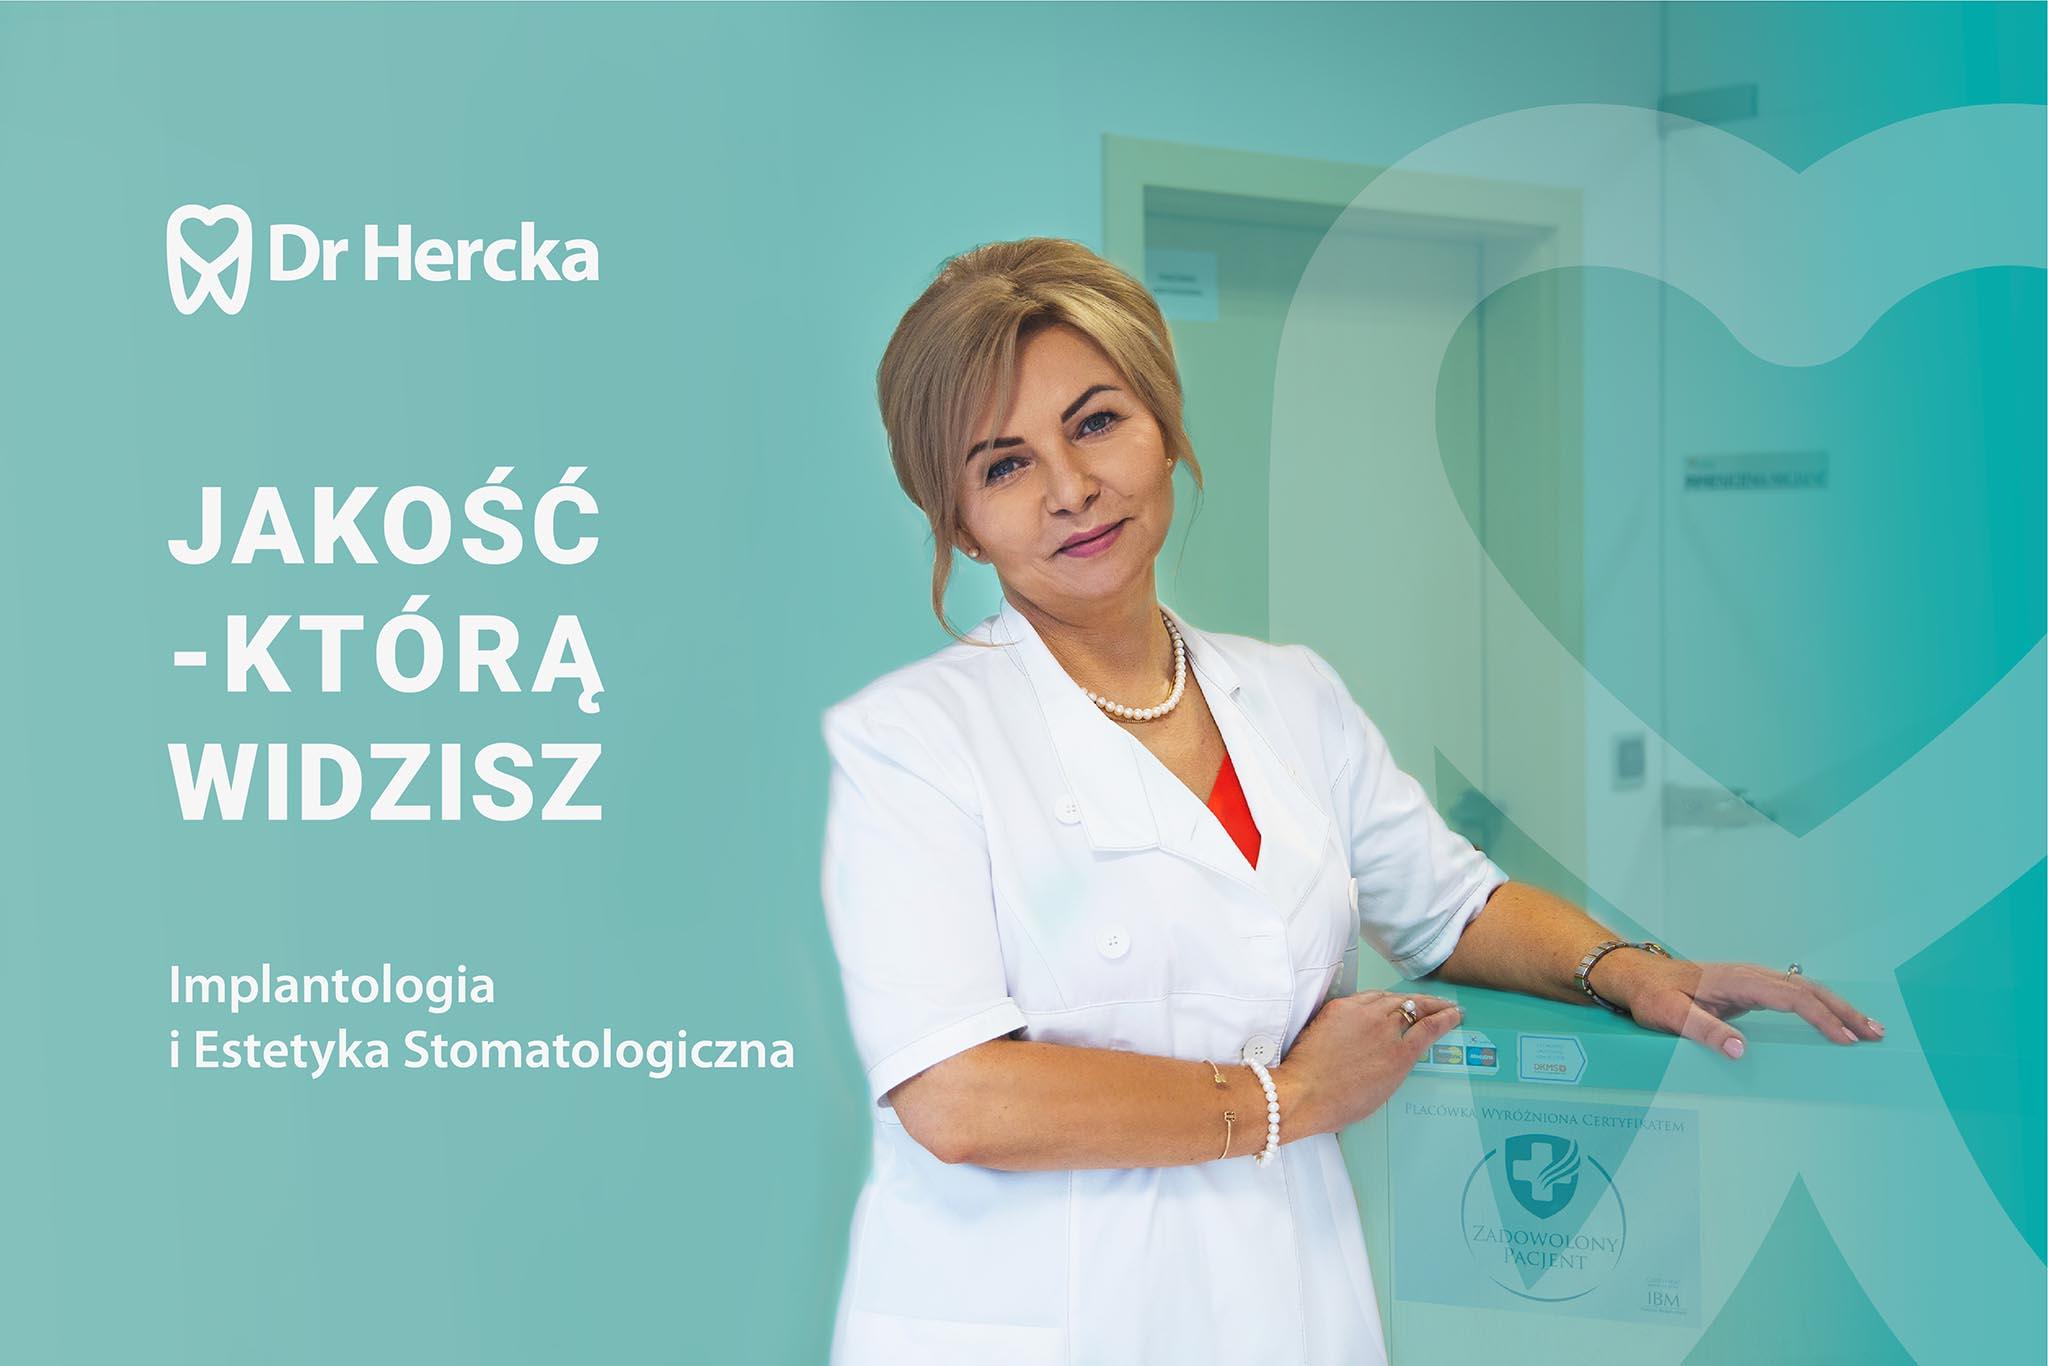 dr Hercka Gliwice - identyfikacja wizualna